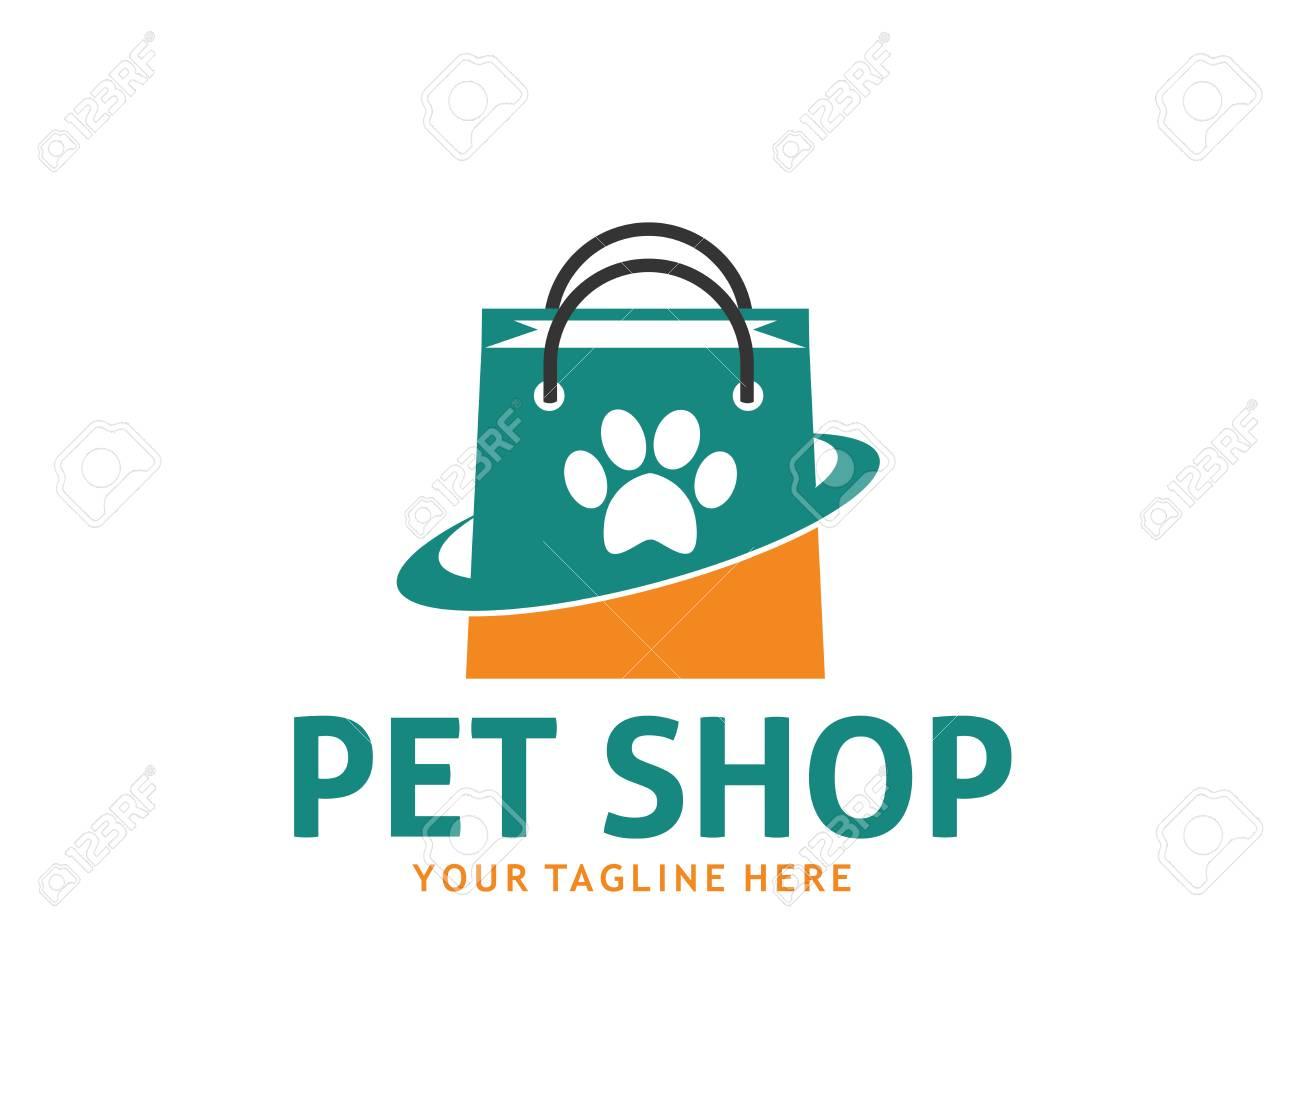 Online pet shop logo concept design template